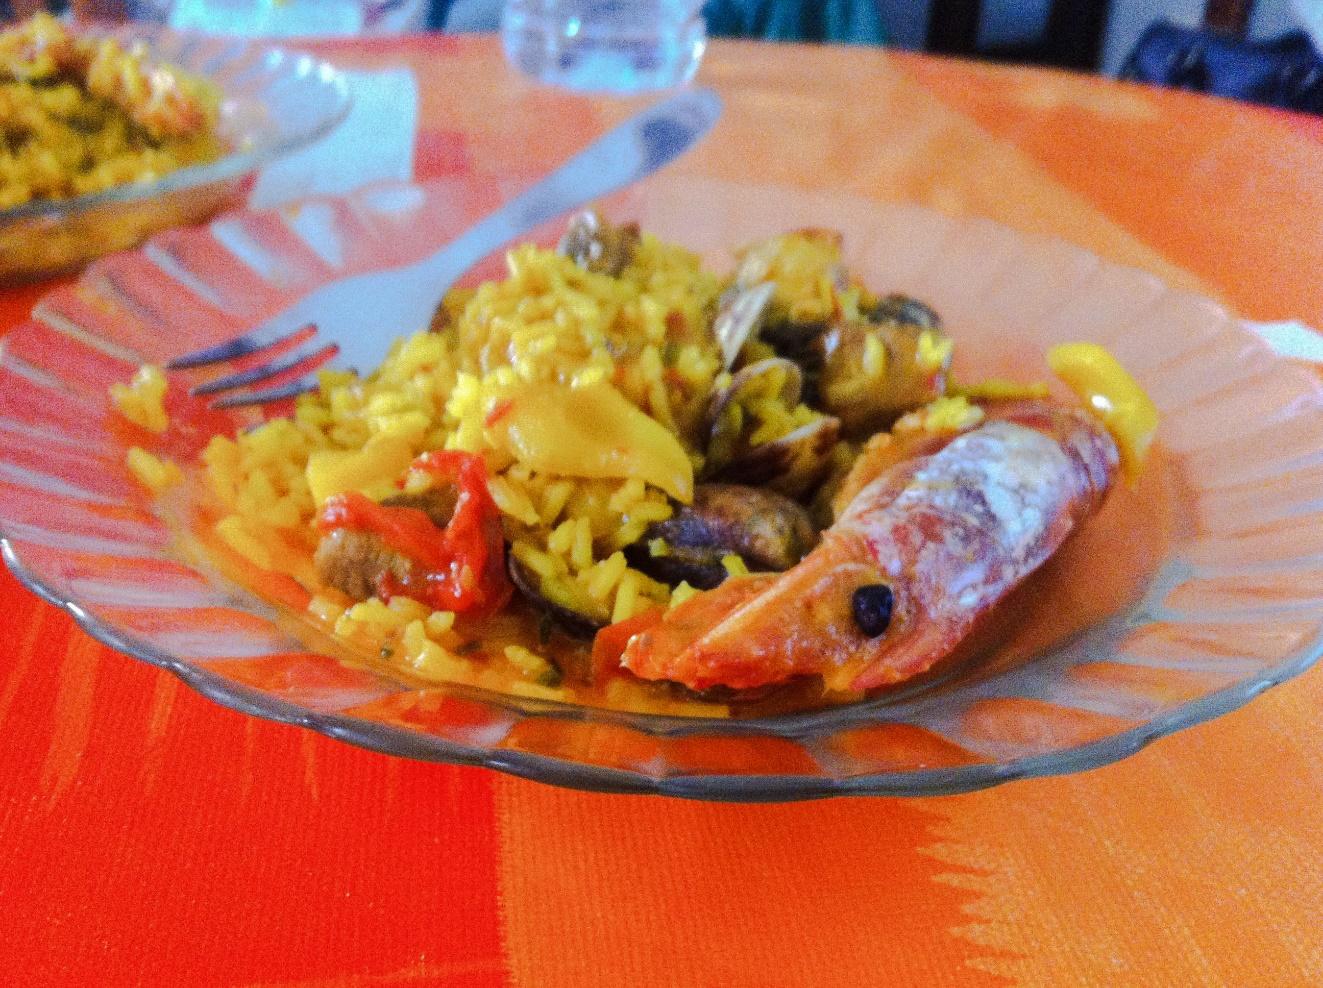 Pyszna Paella przygotowana przez moją hiszpańską przyjaciółkę, Źródło własne autora